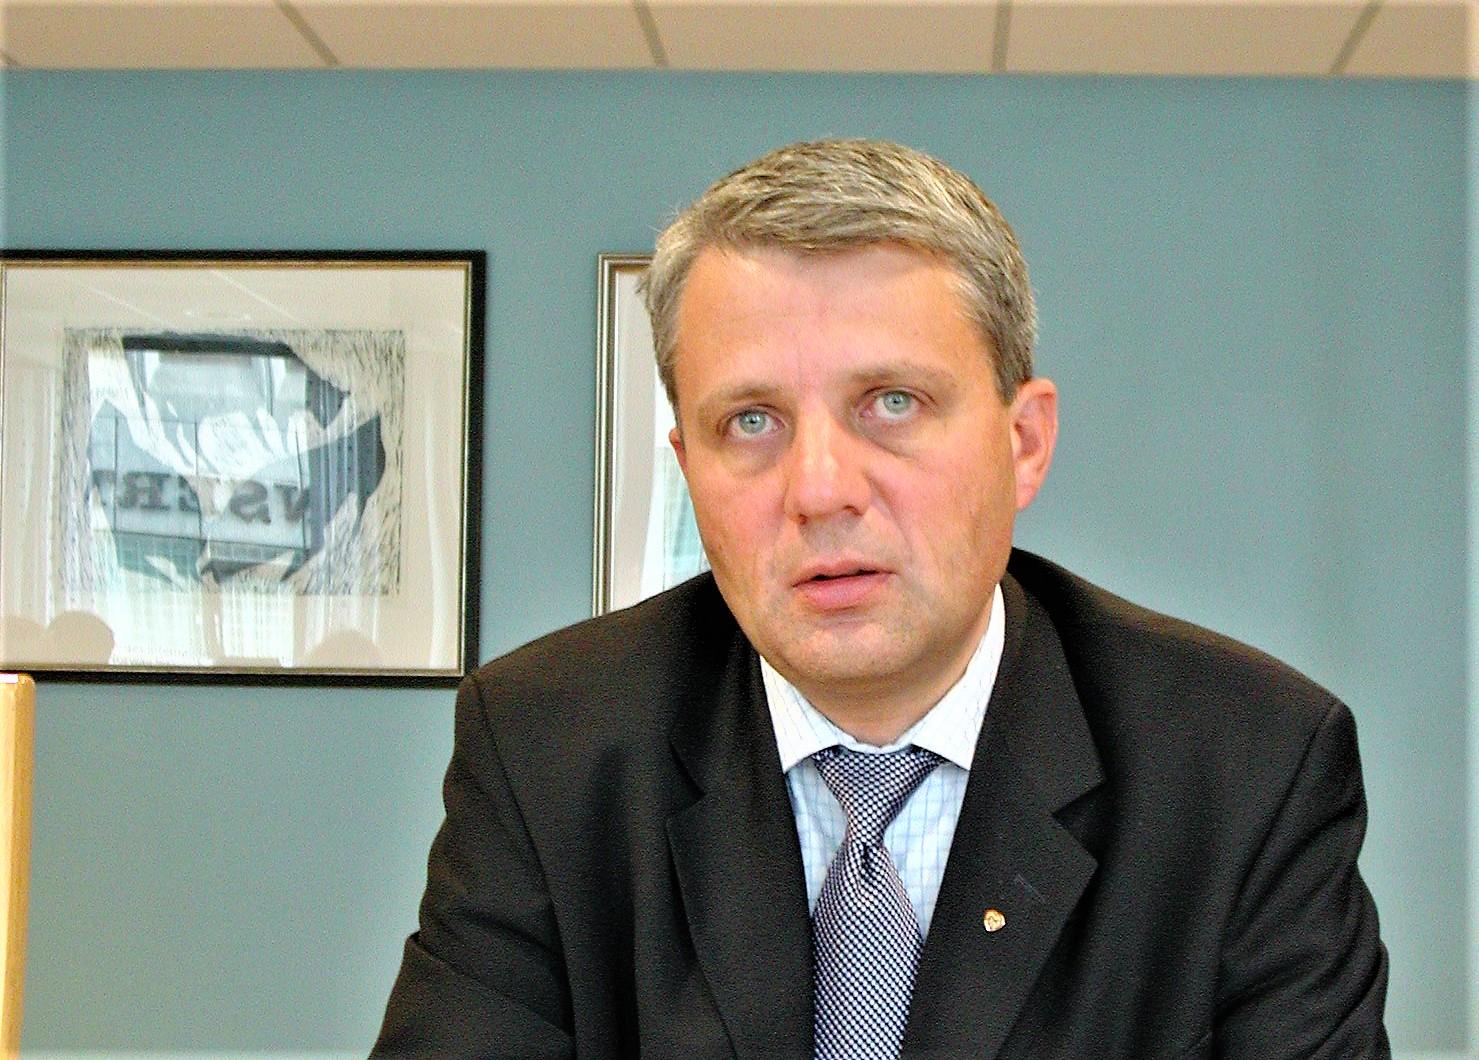 Dagfinn Høybråten reformerar den norska välfärden